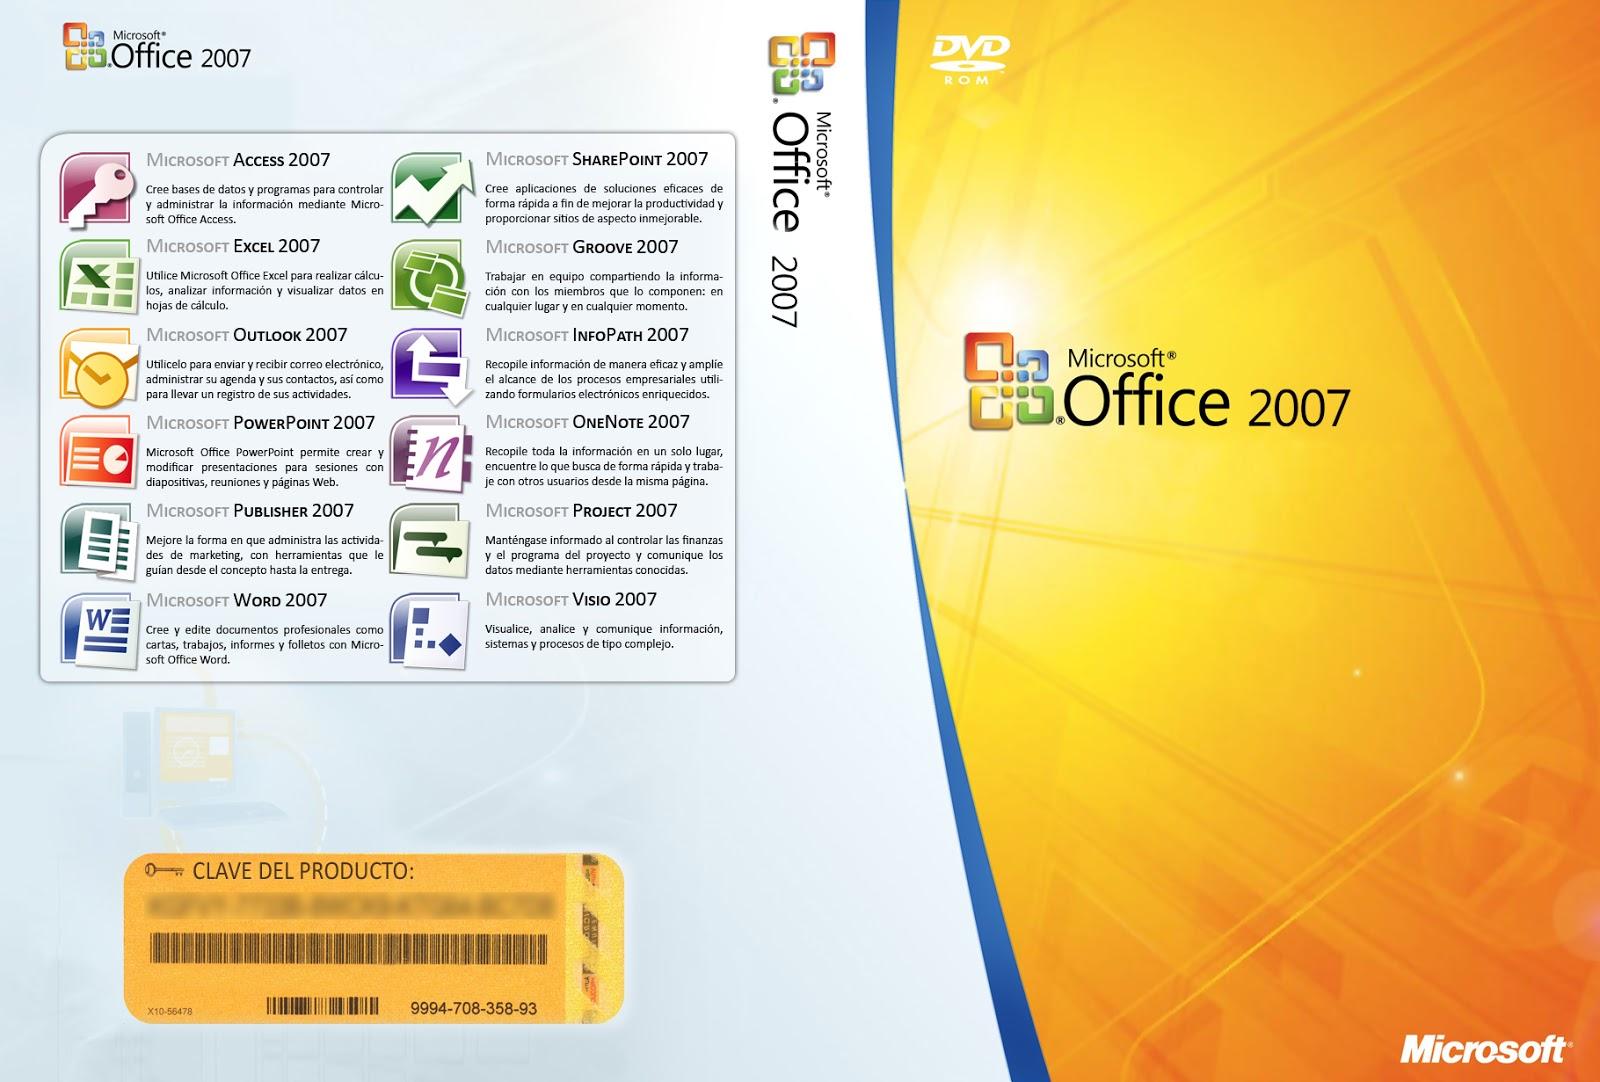 تحميل برنامج مايكروسوفت اوفيس 2007 Office عربي مجانا